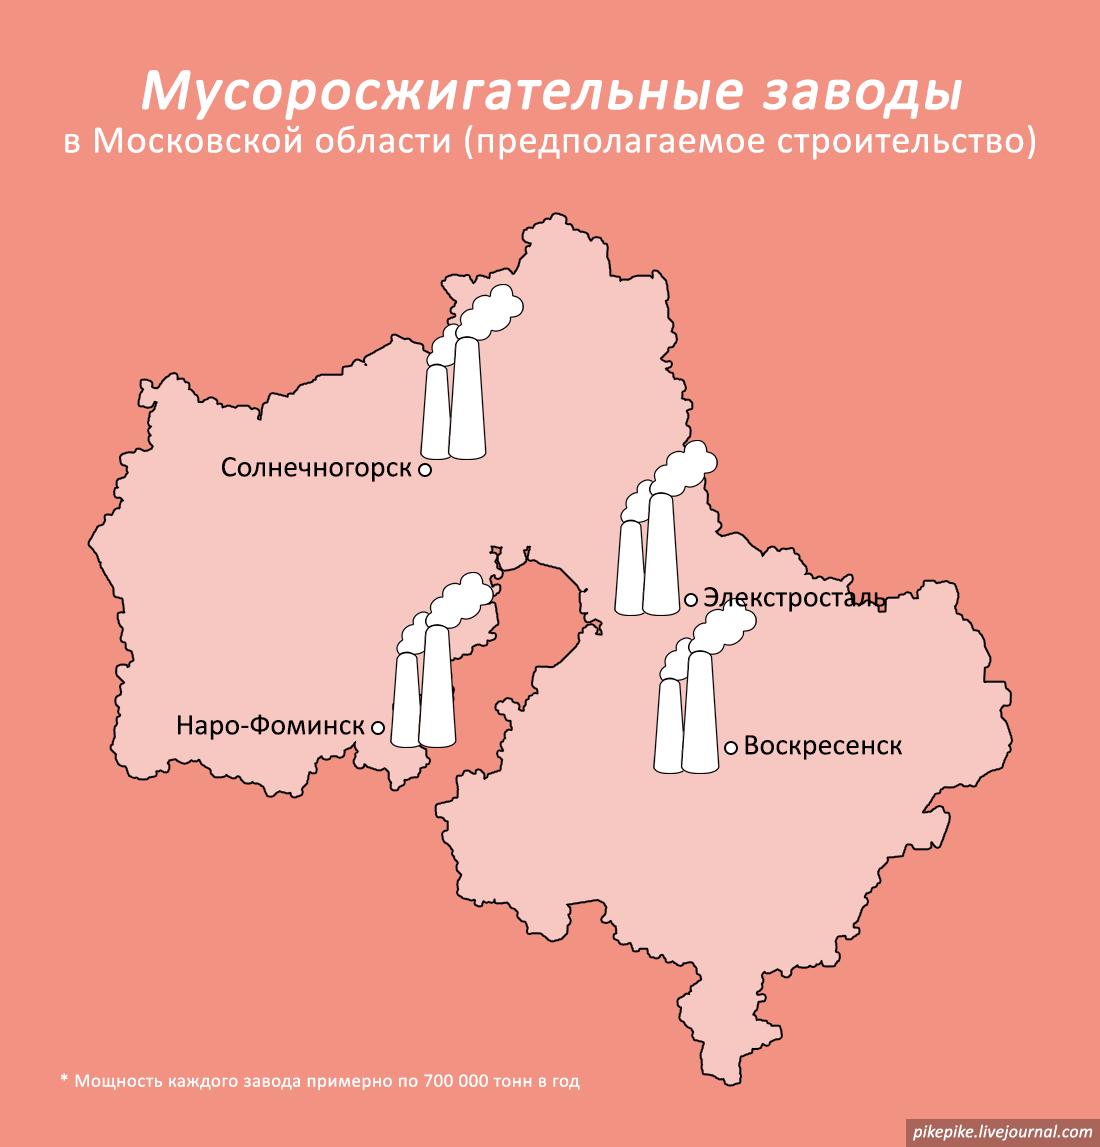 Карта мусоросжигательных заводов в Московской области (предполагаемое строительство)